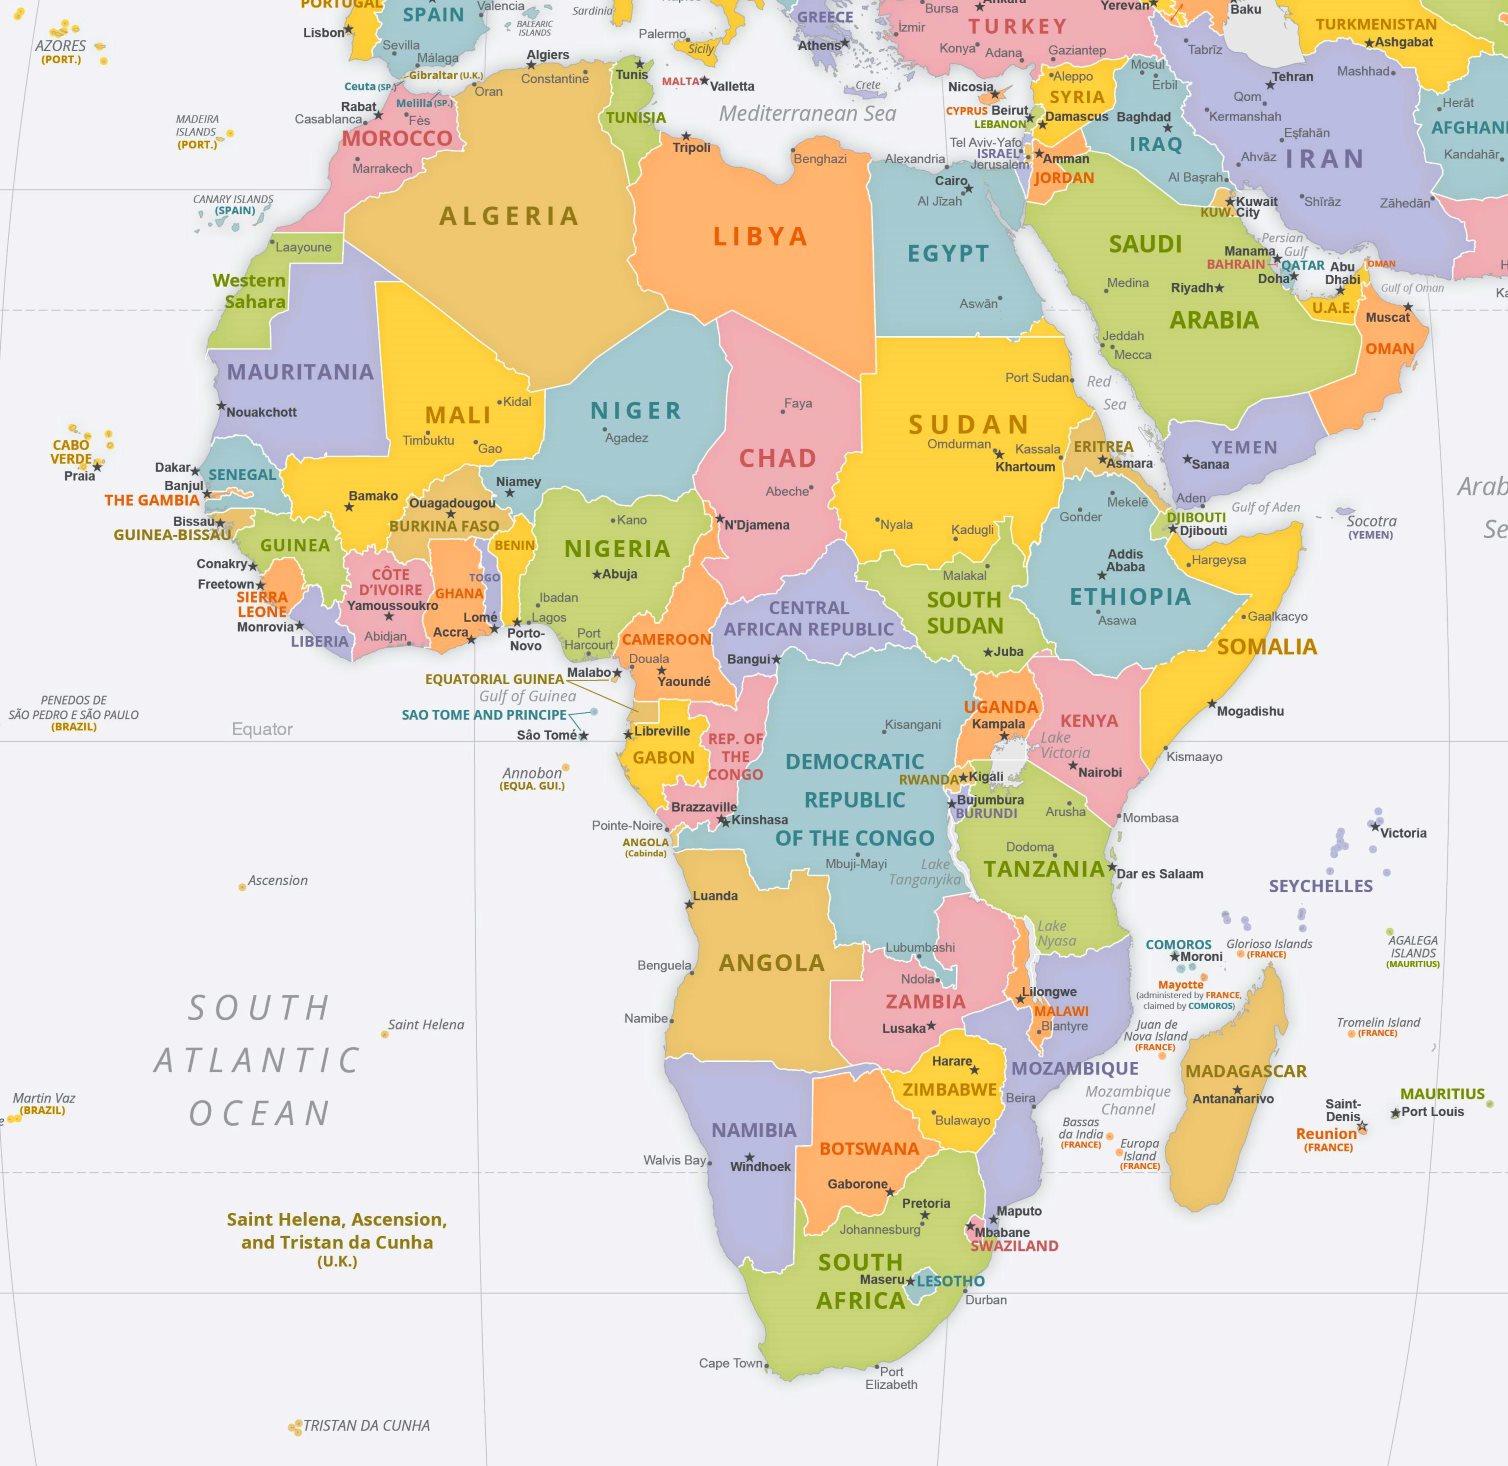 Politische Karte Afrikas Mit Den Hauptstadten